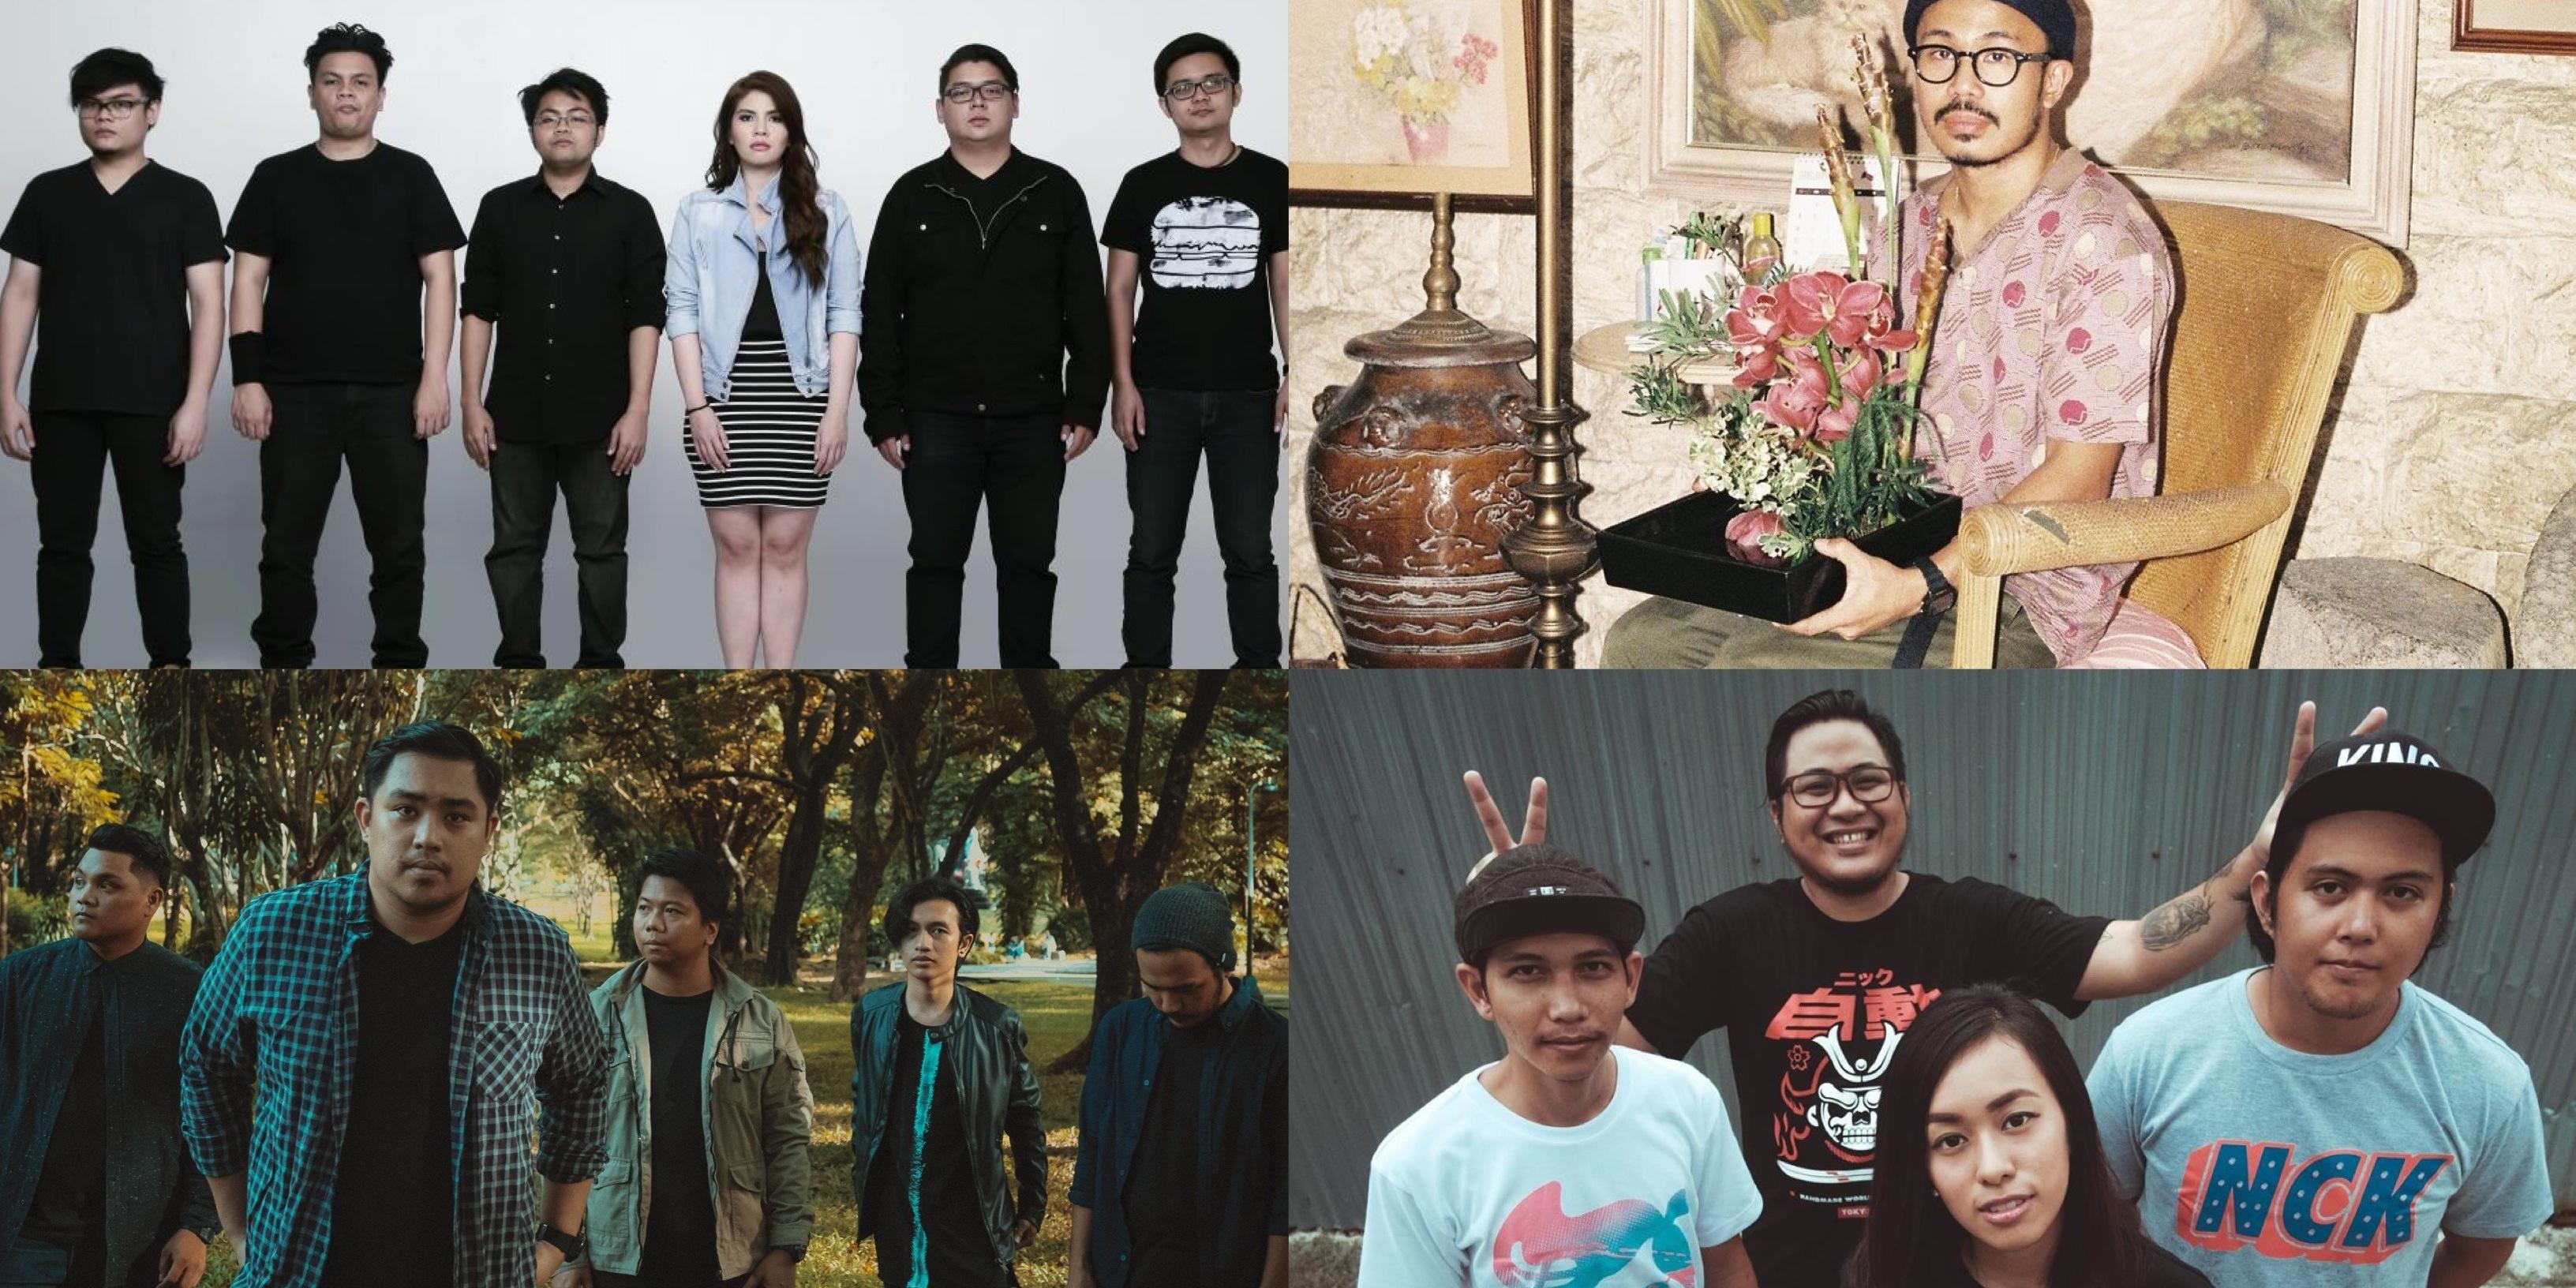 Autotelic, CRWN, December Avenue, Loop, and more to perform at Mga Handuraw sa Baul in Davao